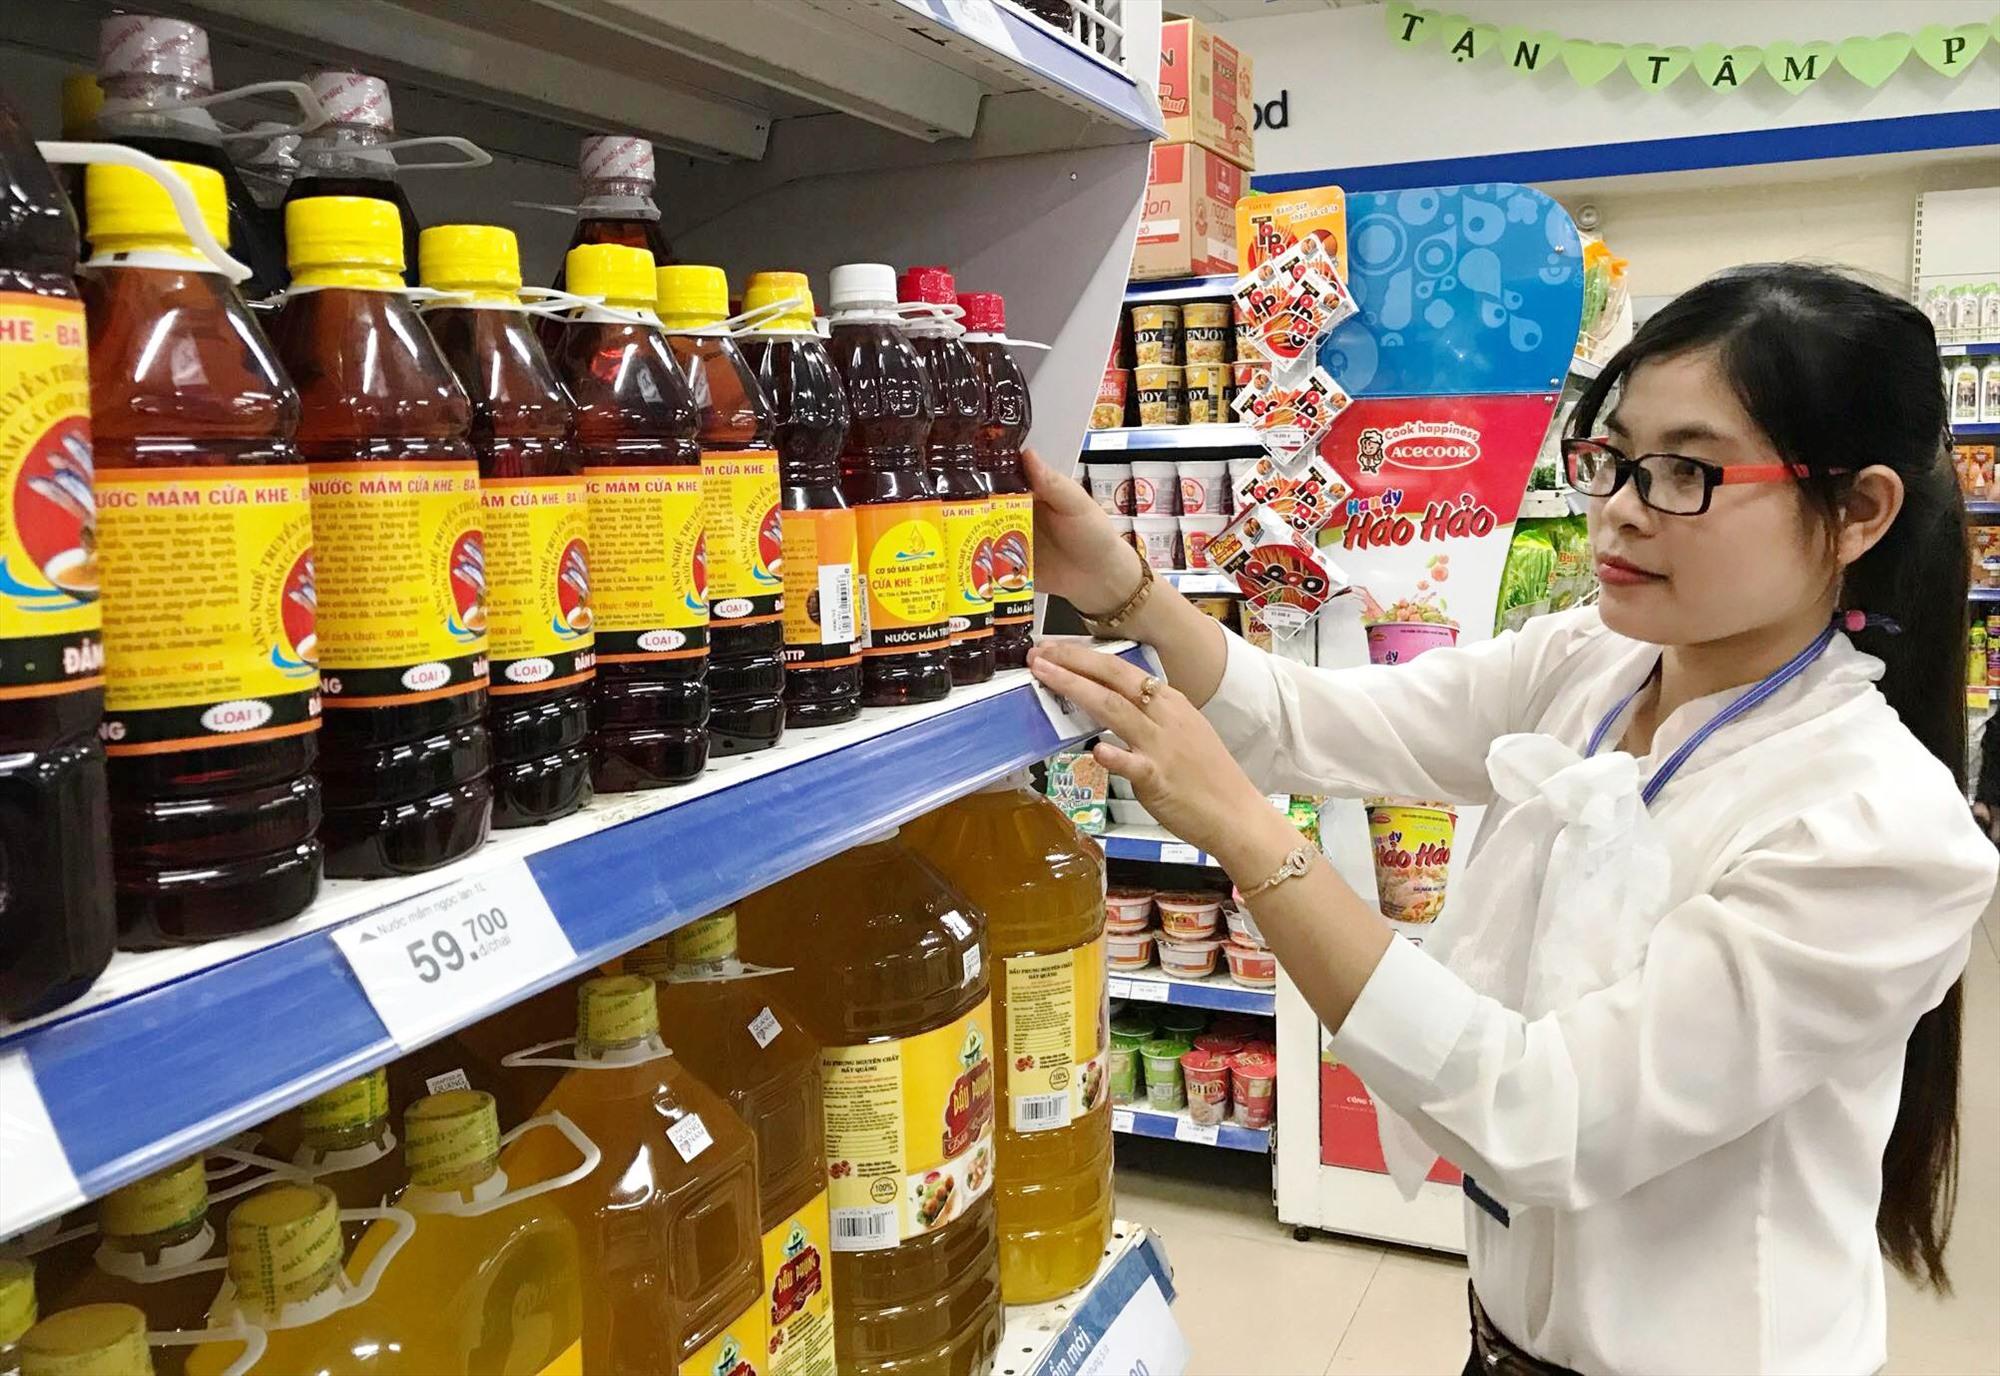 Nước mắm Cửa Khe bày bán tại các siêu thị. Đây là chuỗi sản phẩm sạch trong 5 chuỗi được đánh giá phát triển ổn định.